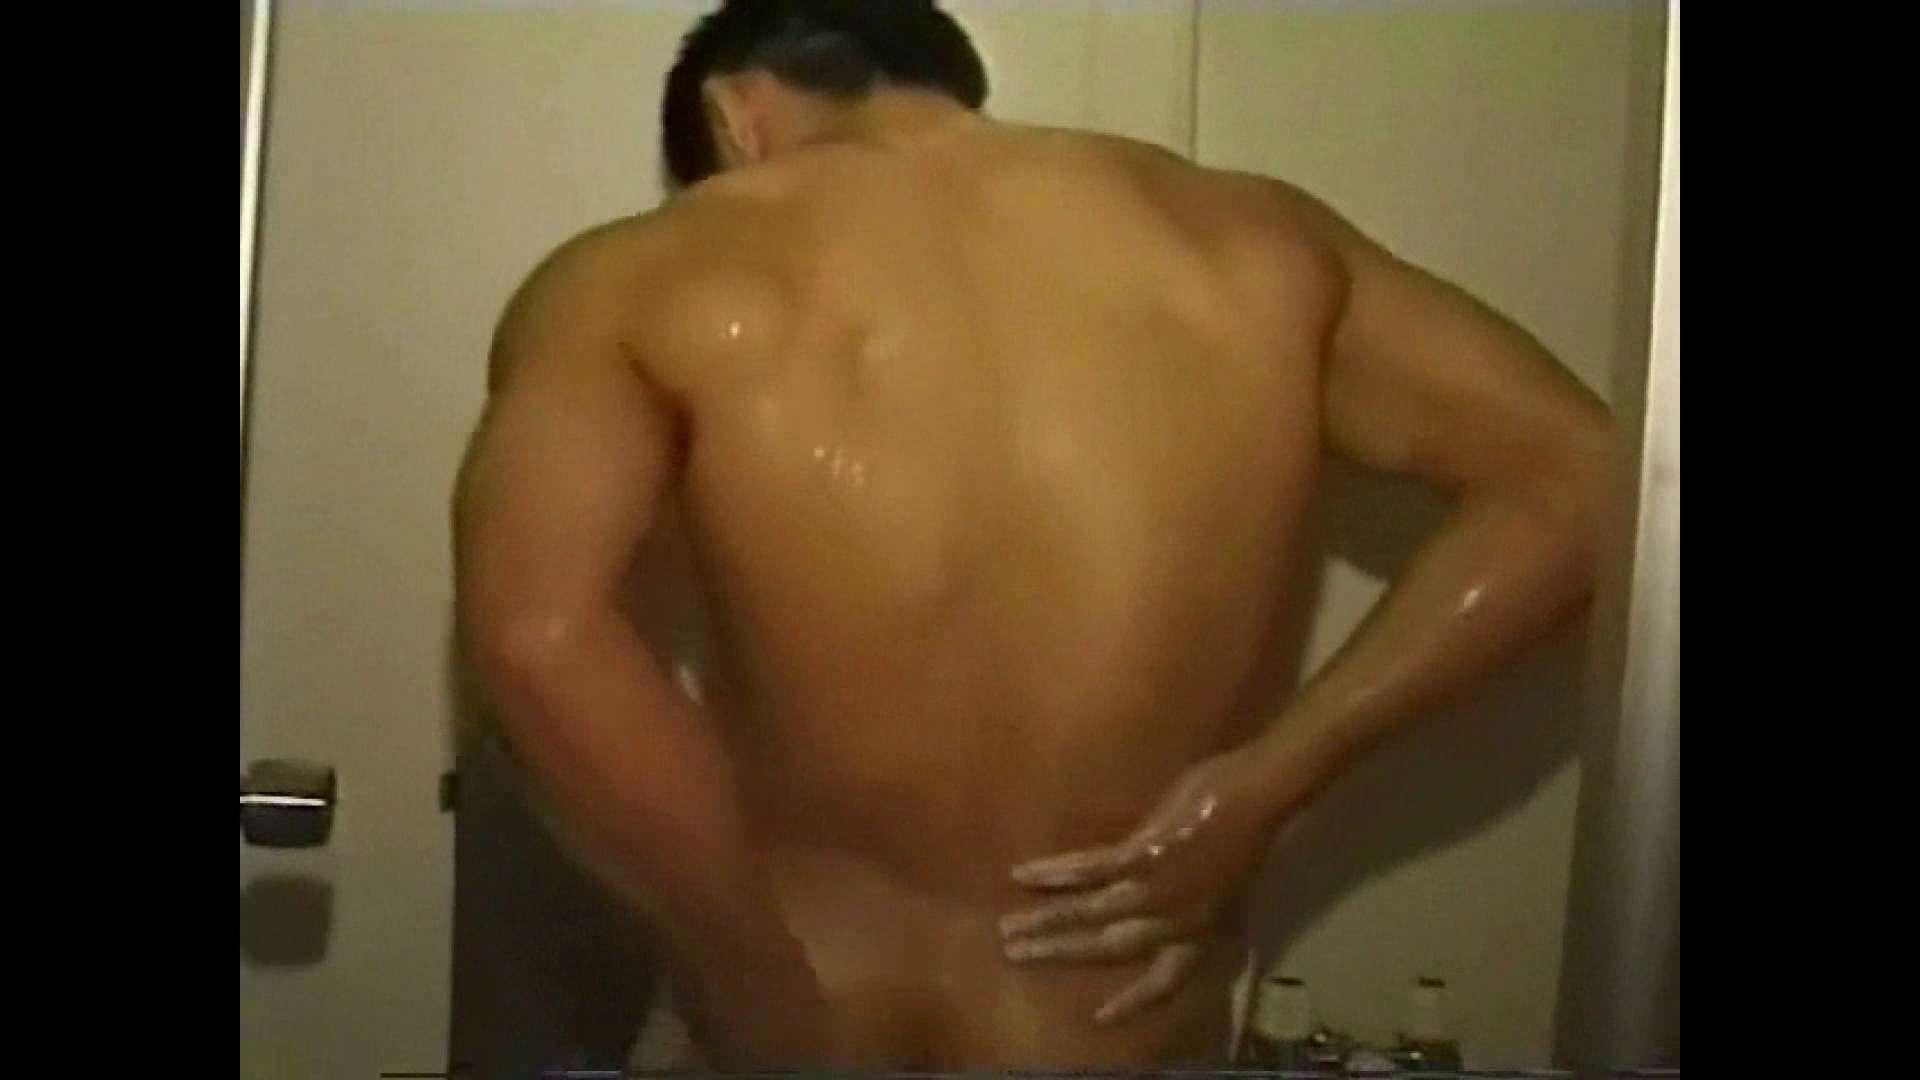 オナれ!集まれ!イケてるメンズ達!!File.51 スポーツ系な男たち ゲイアダルト画像 94連発 27